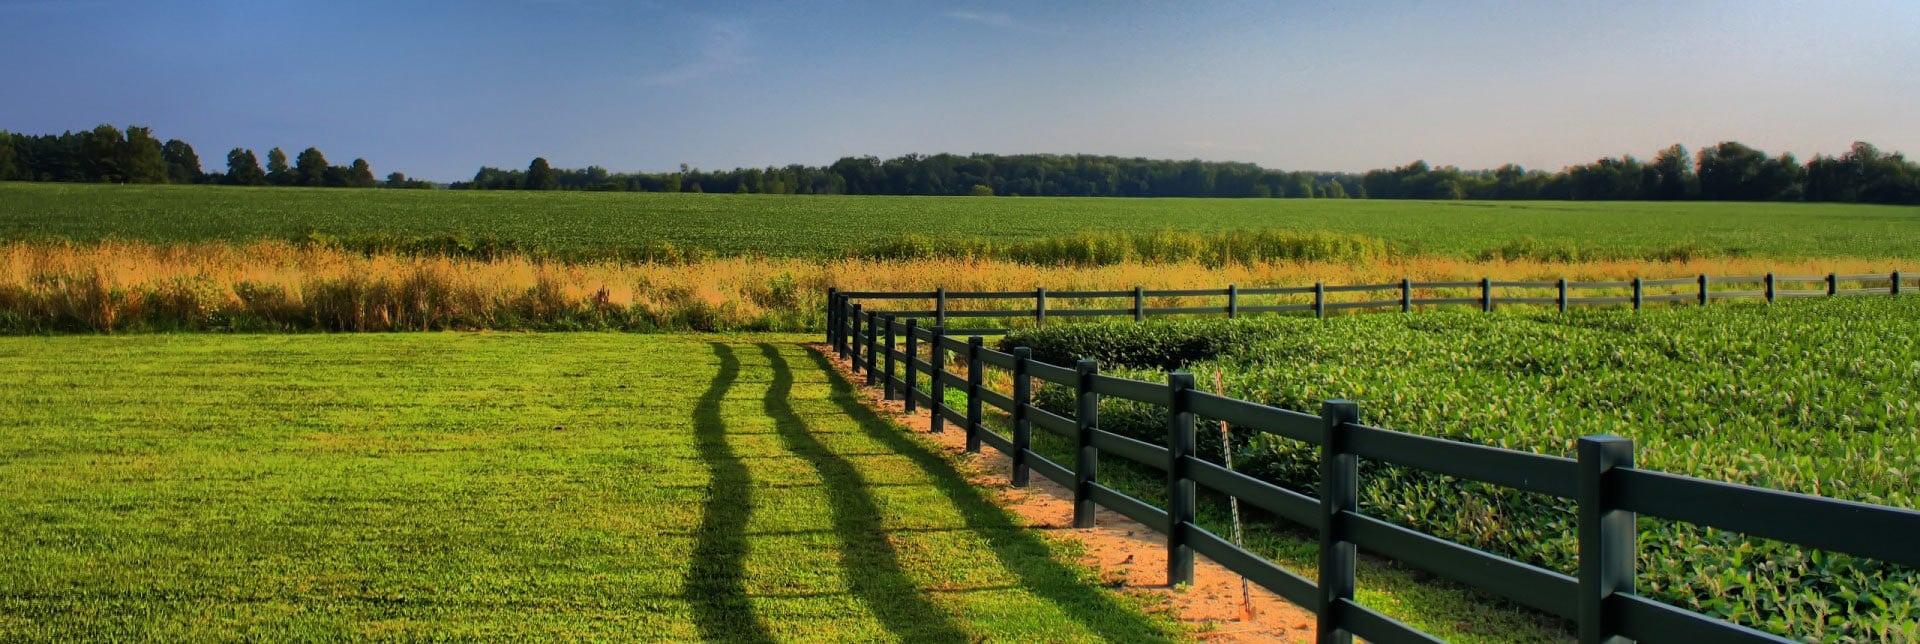 fazenda_verde_25d1863f452e0d7ad668949d3c91a040_Rural_land